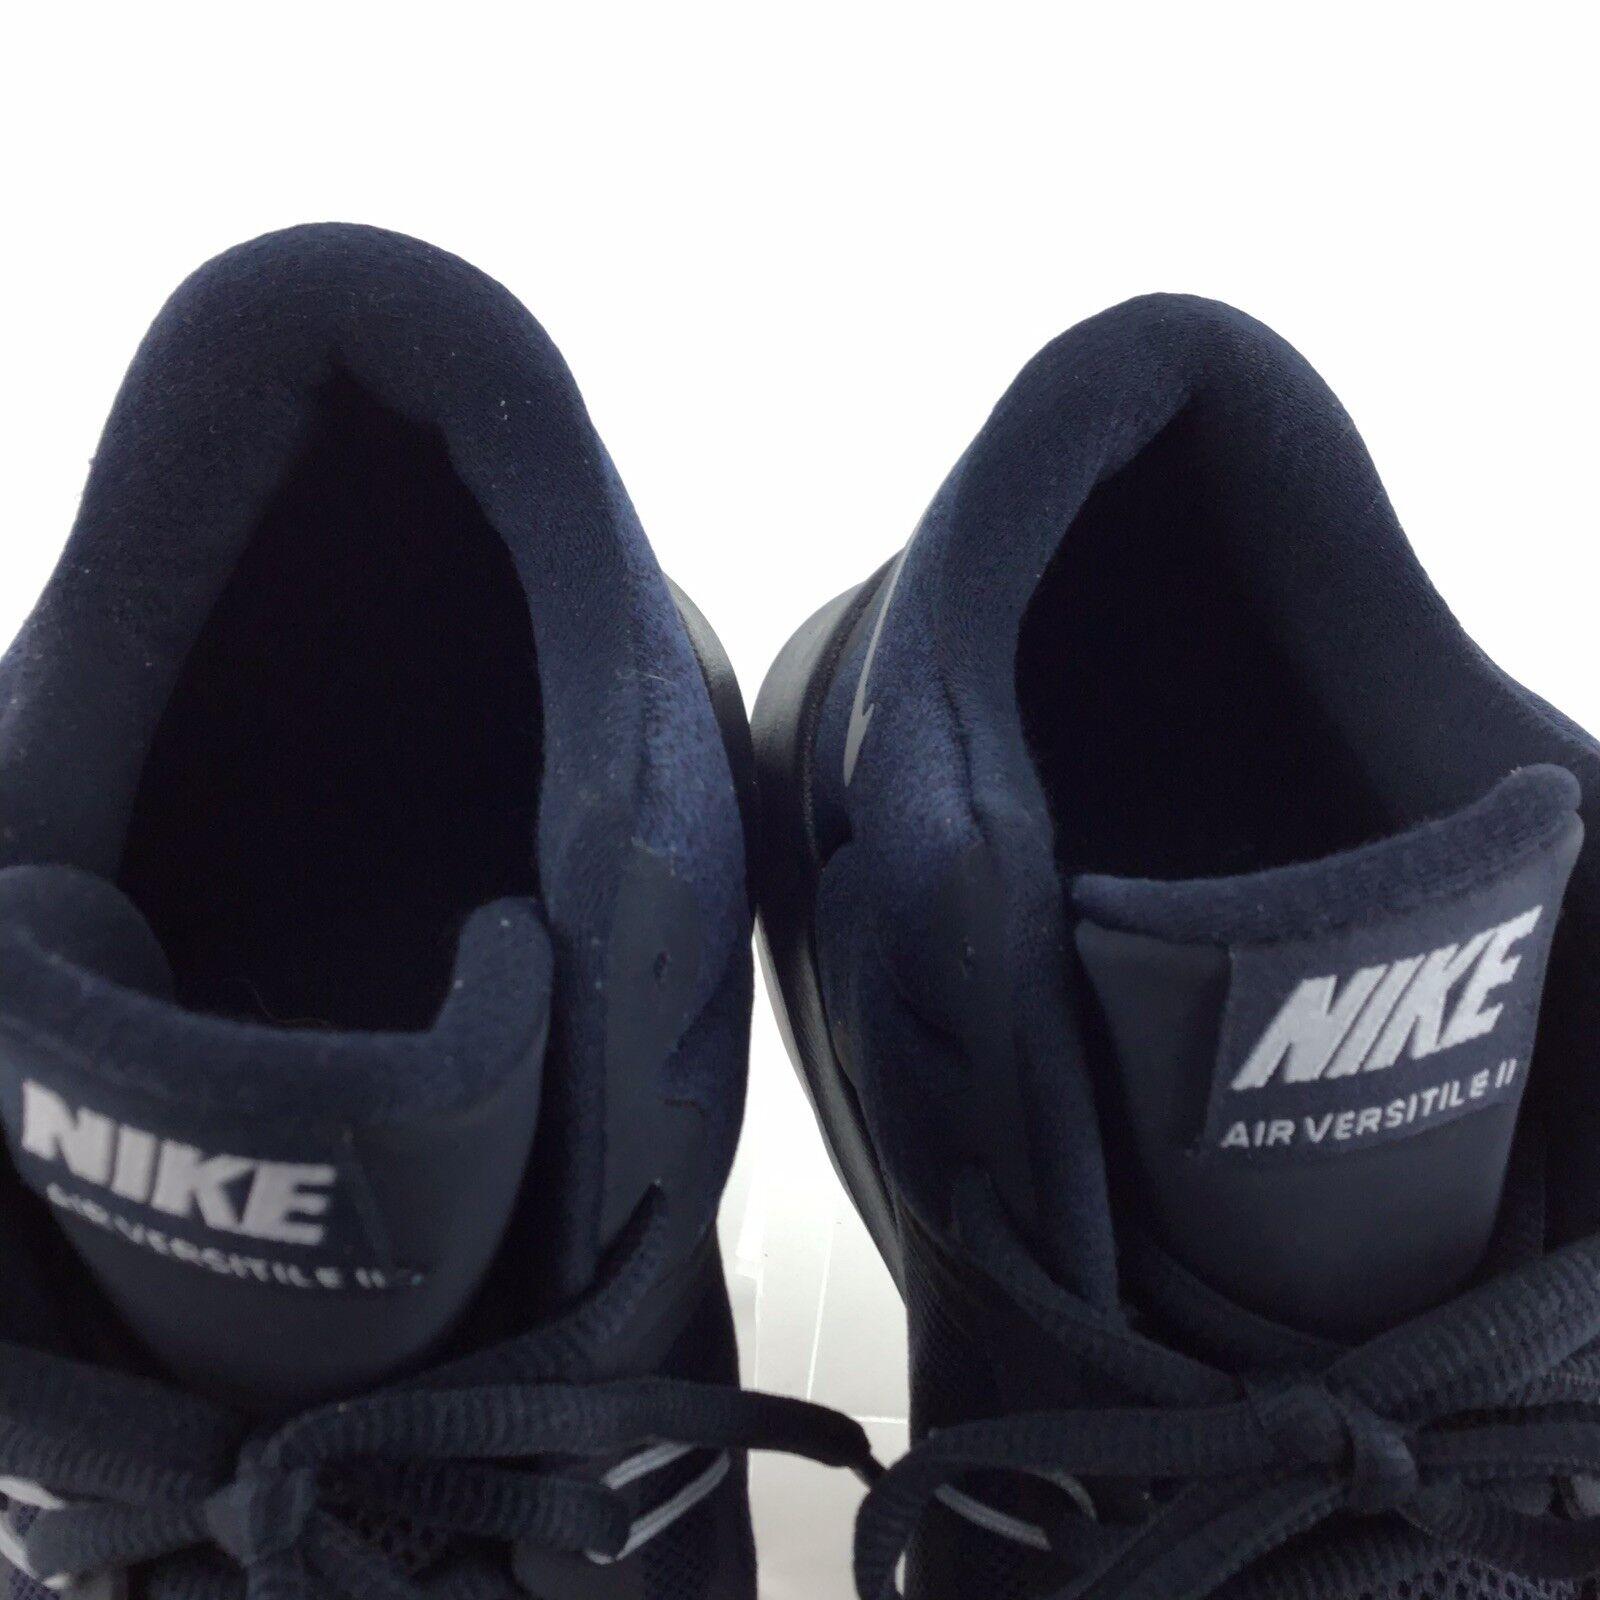 ed4a9dd127 ... Nike Air Air Air Versitile ll Basketball Athletic Sneakers bluee Black  Mens 10 shoes A10 1bced8 ...